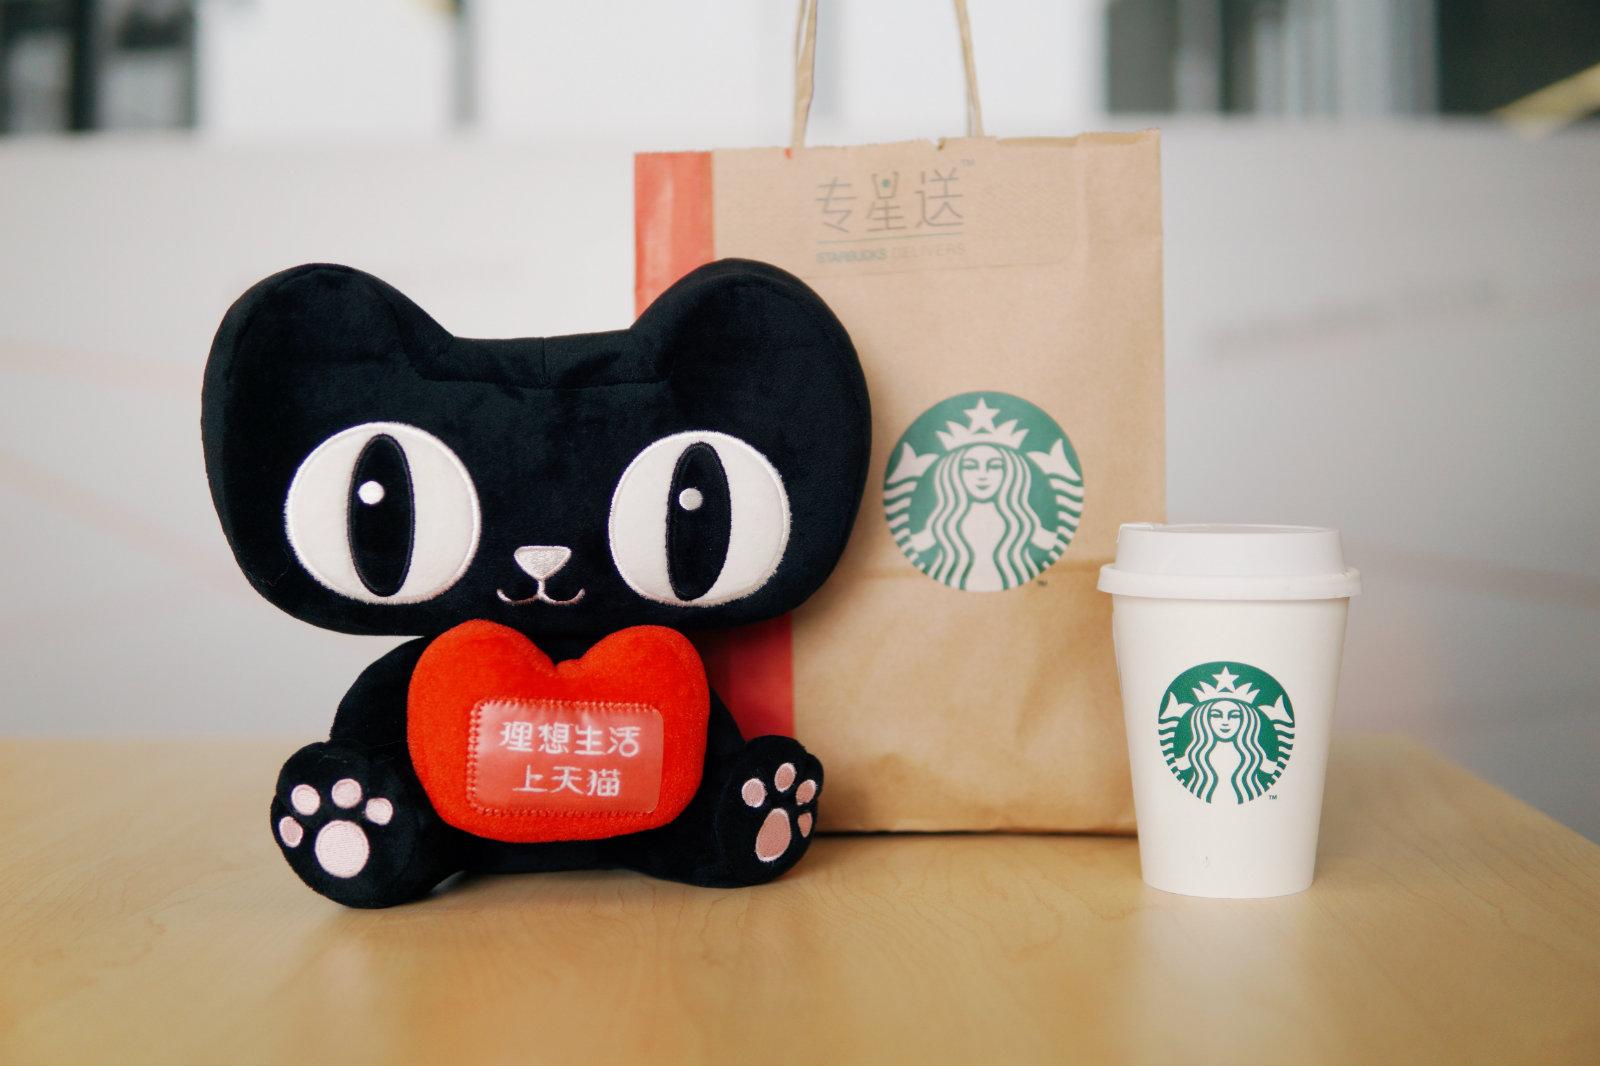 天貓也能點熱咖啡了,星巴克搶先接入,麥當勞還會遠嗎?